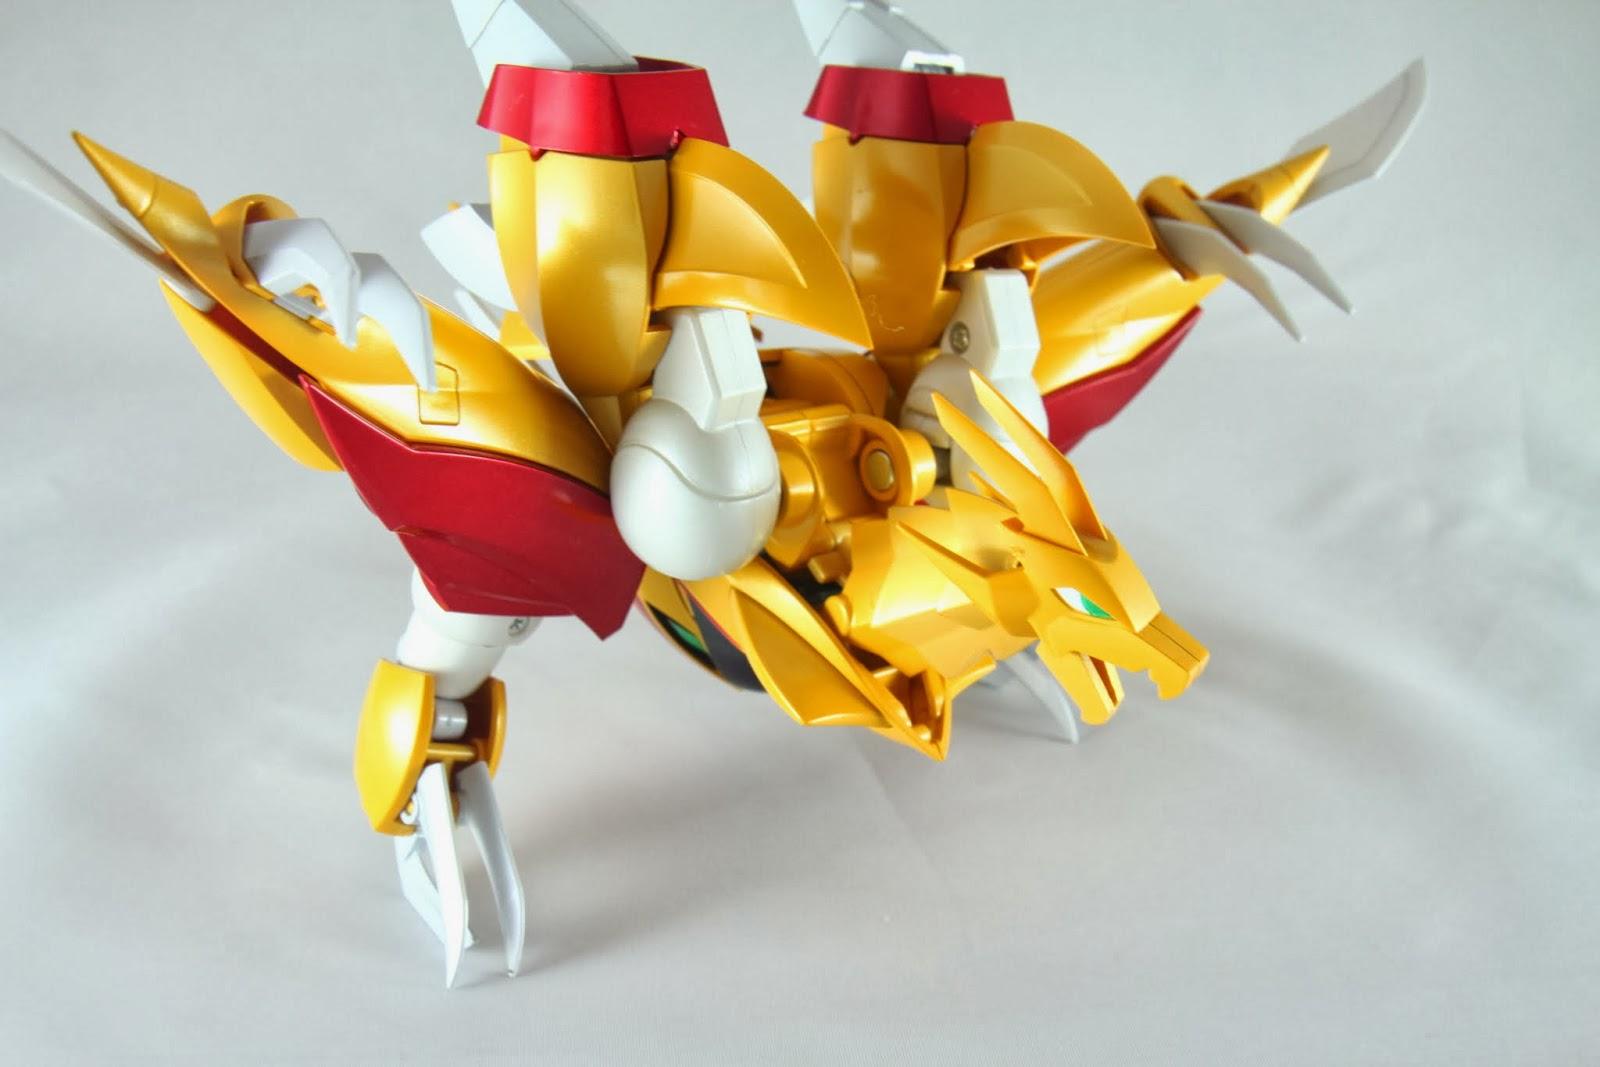 不過這種型態才是真正的姿態就是 但龍的脖子好短........氣勢好弱